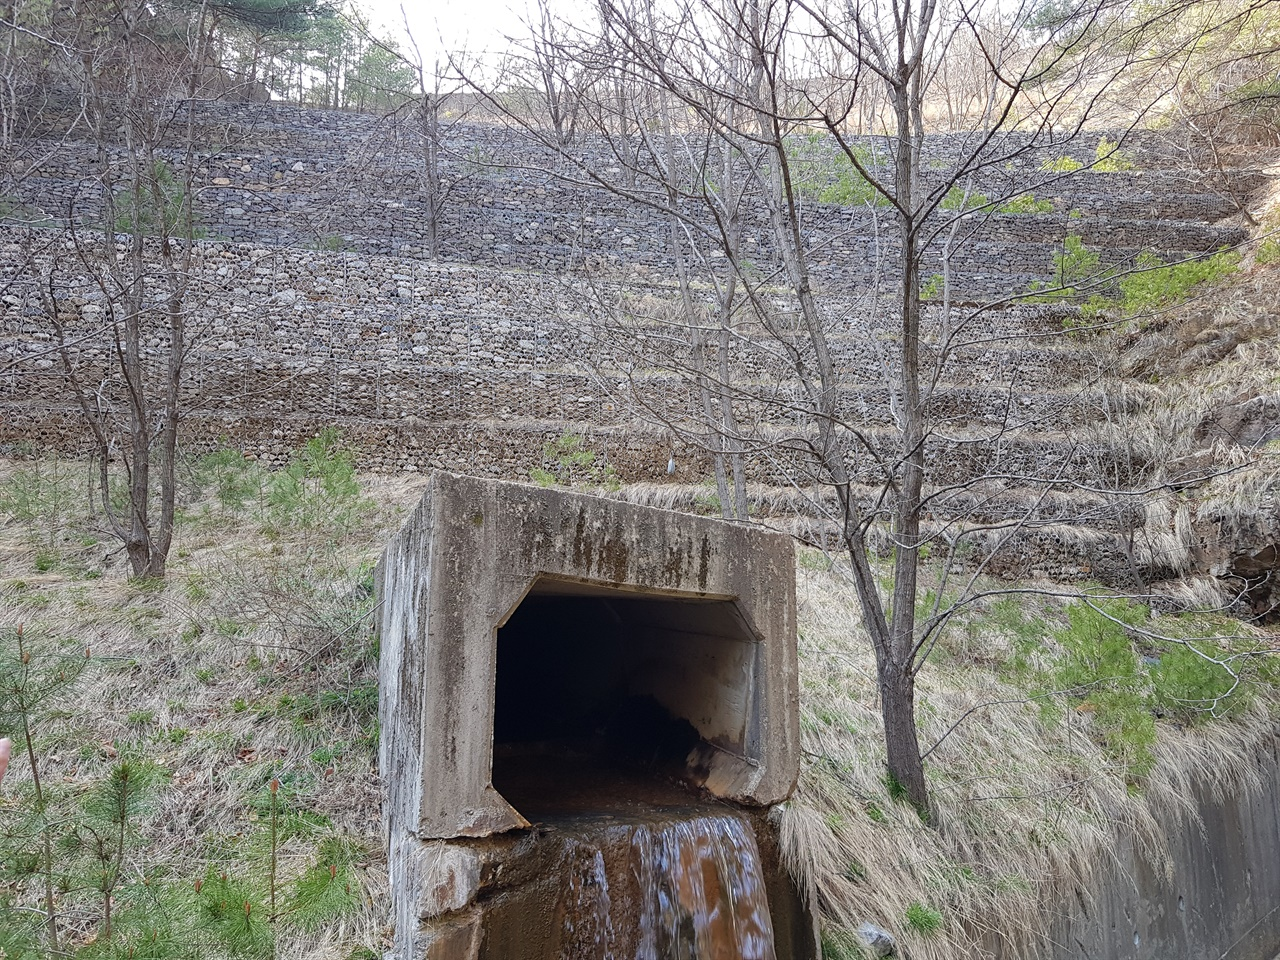 2019년 4월의 대현리 광미댐. 계곡 앞쪽에 돌망태 옹벽이 설치되어 있고 아래 배수관을 통해 침출수가 흘러나오고 있다.